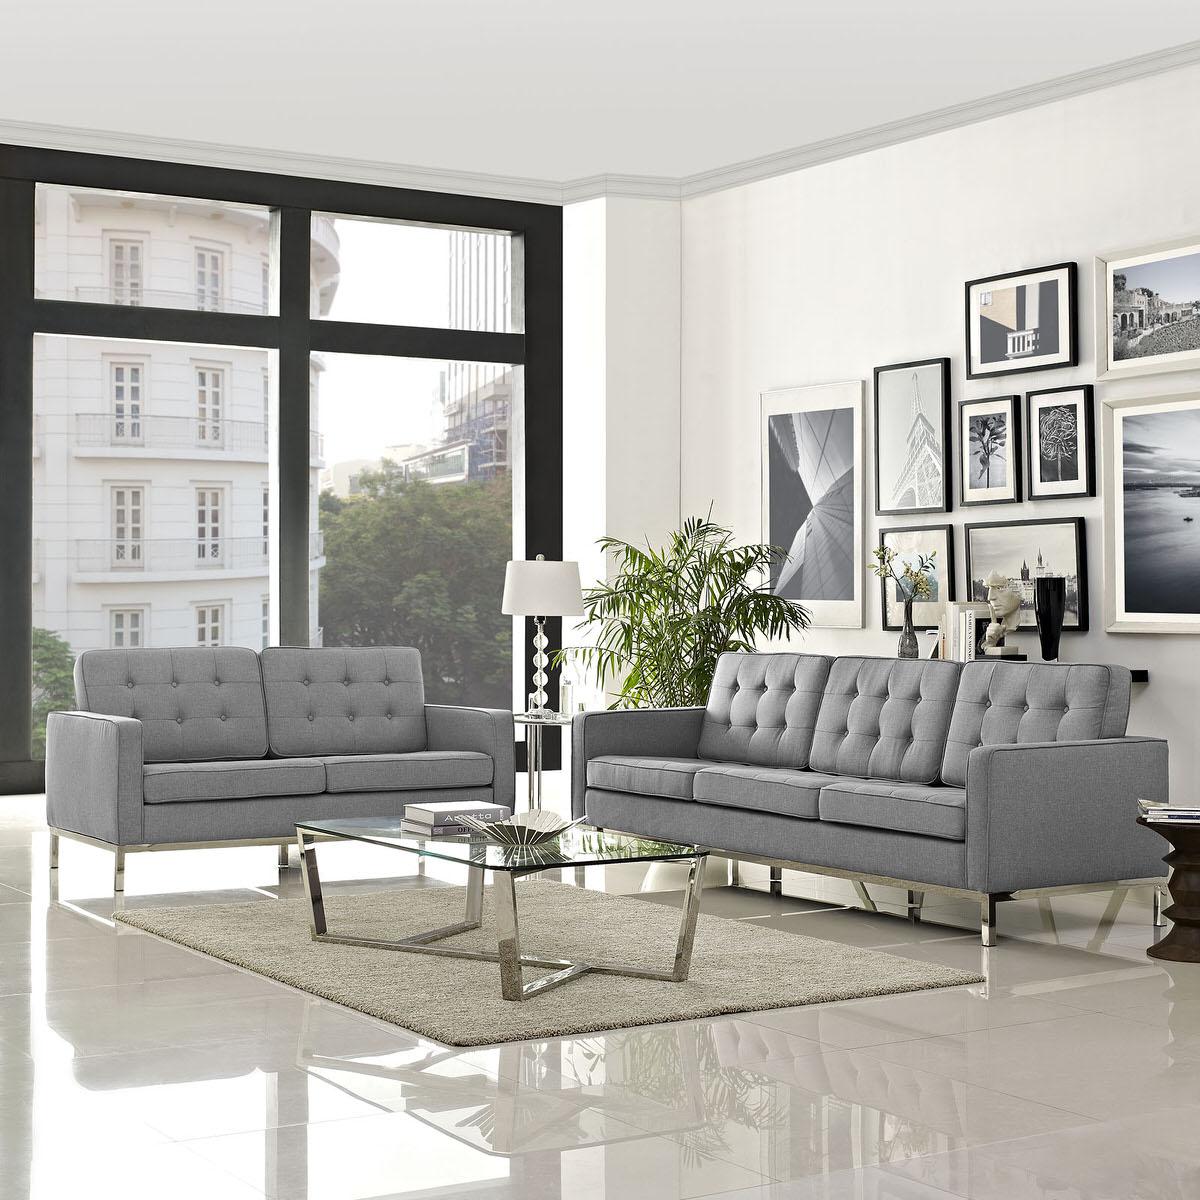 Loft Living Room Set Upholstered Fabric Set Of 2 Light Gray